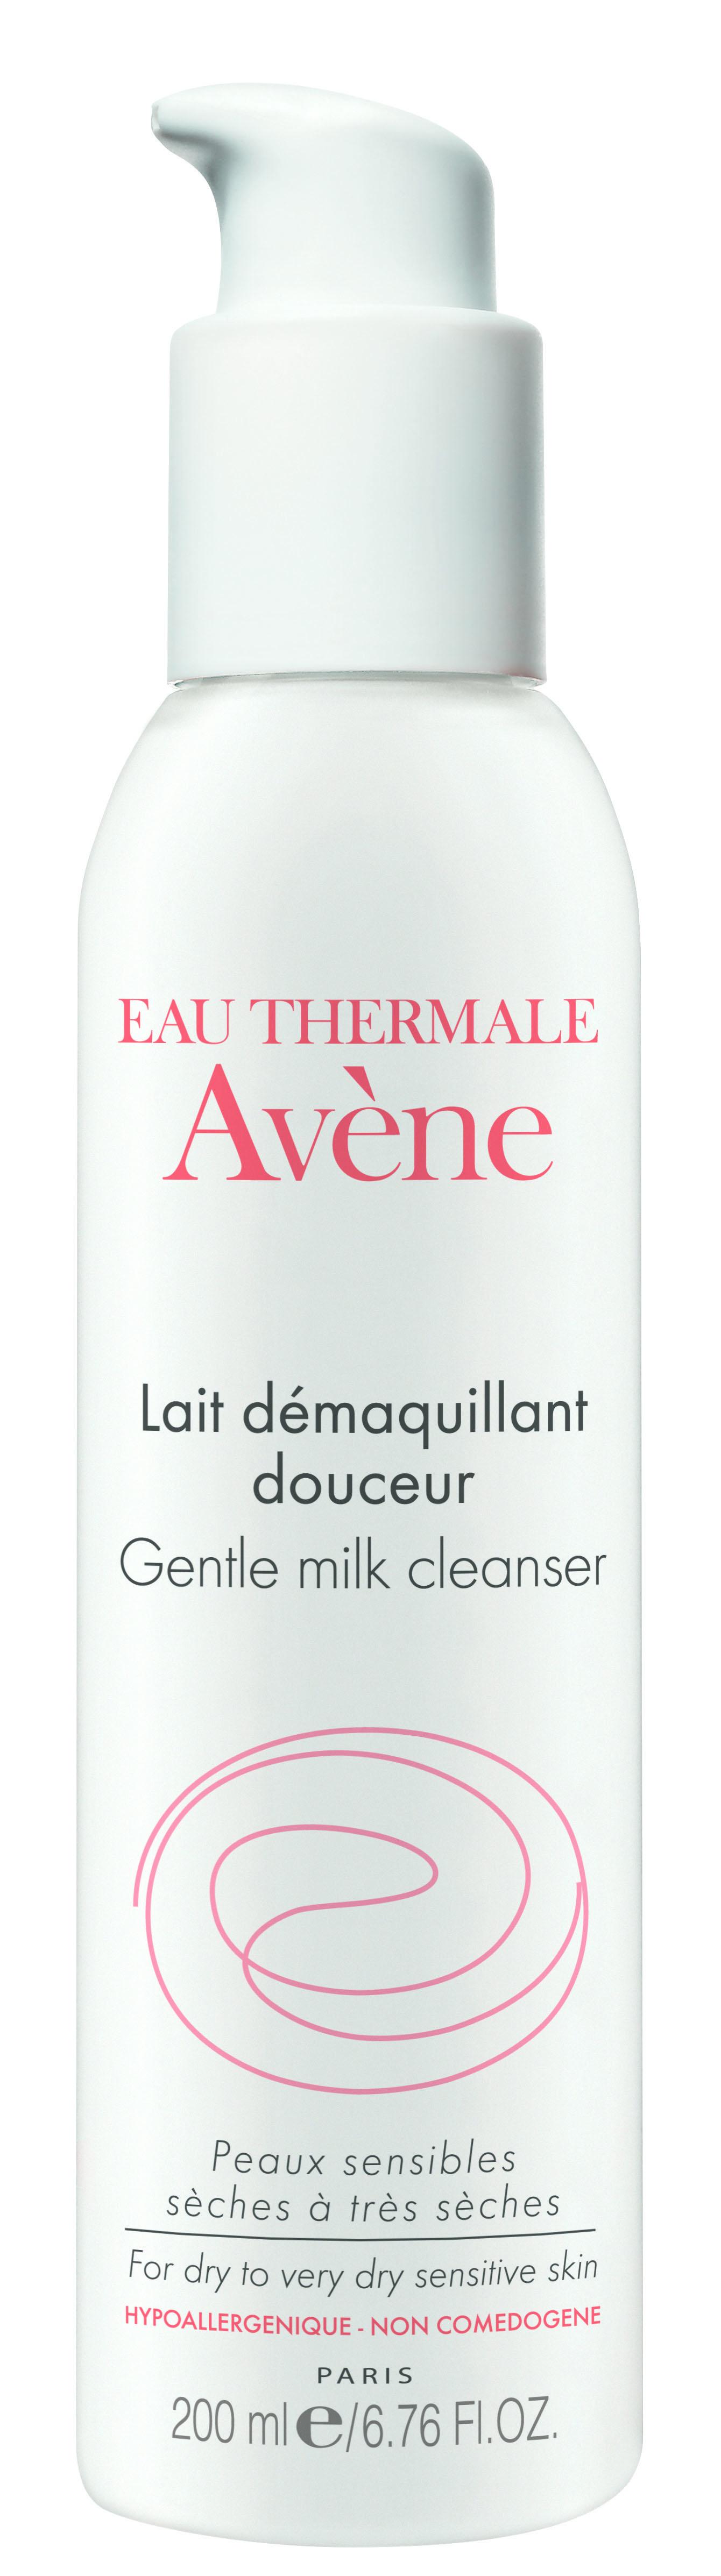 Image AVENE SOINS ESSENTIELS lait démaquillant douceur